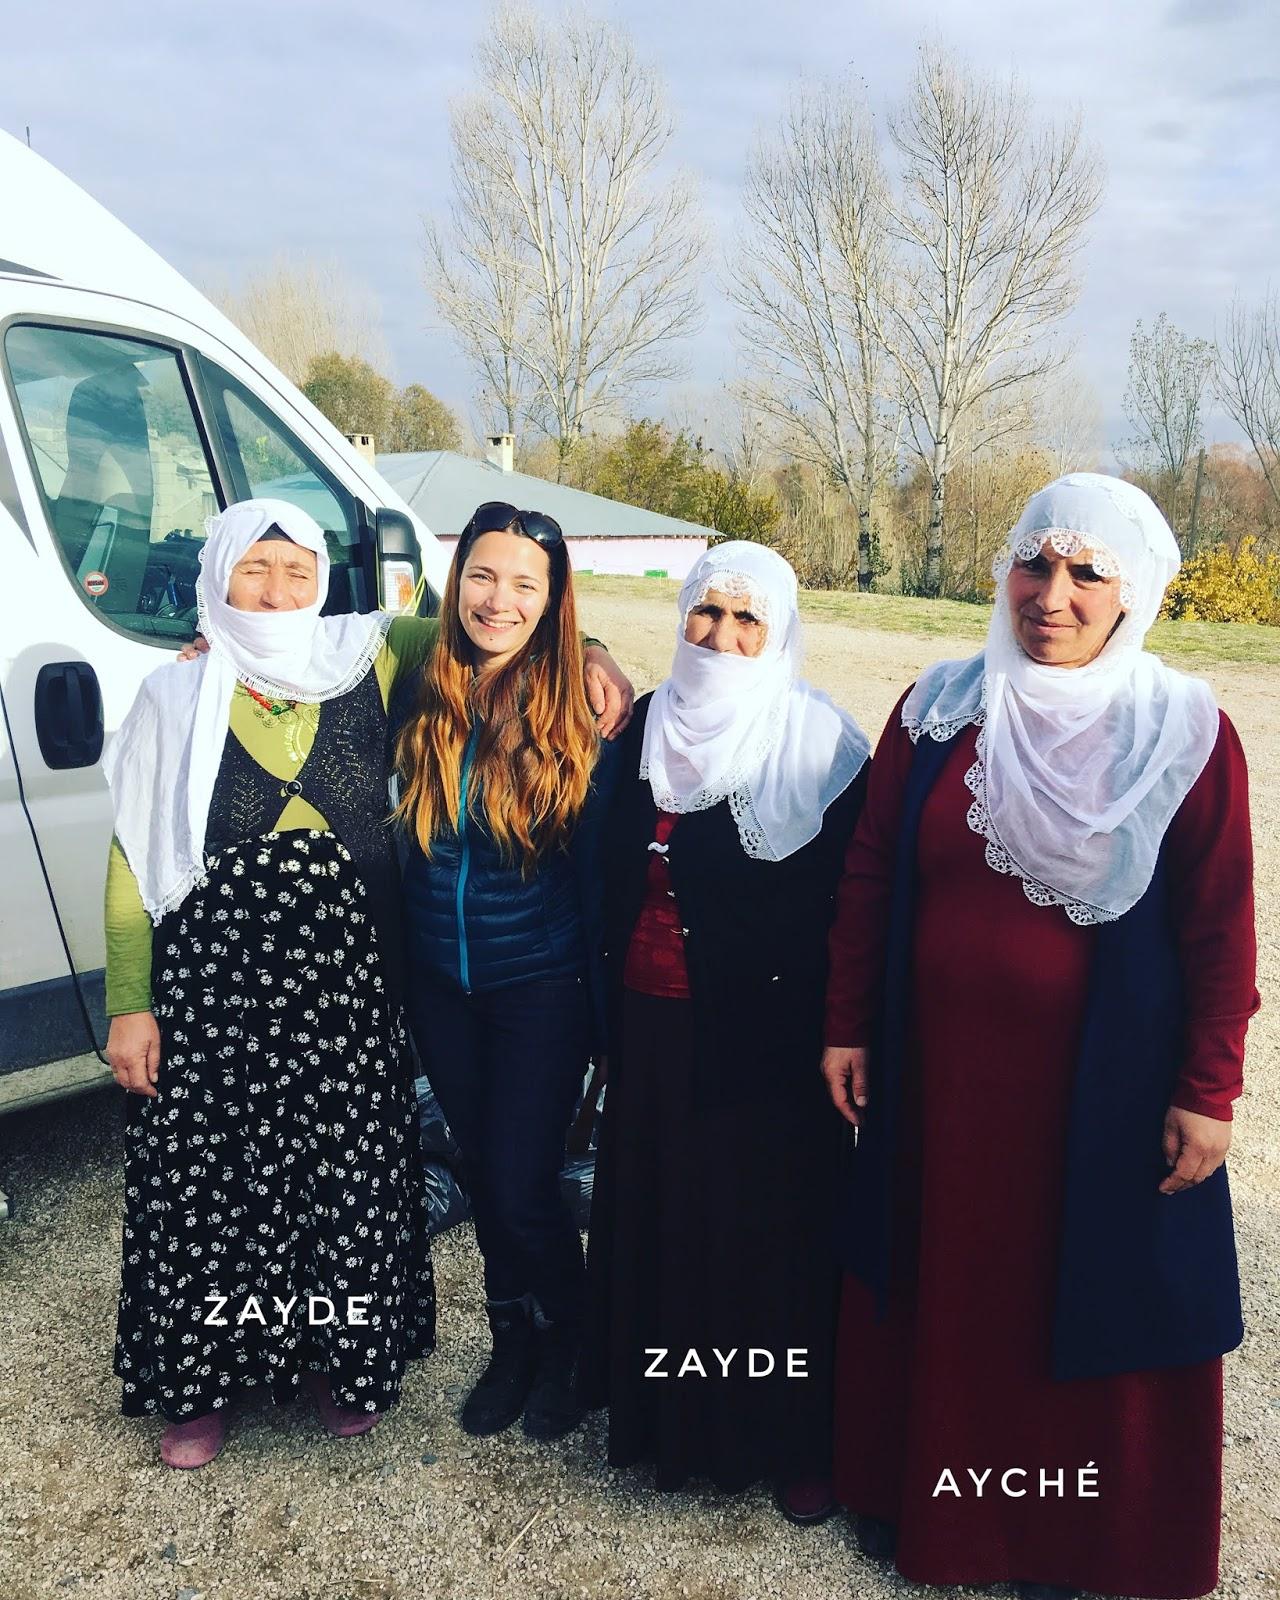 Zayde, Zayde & Ayche (TR), TR